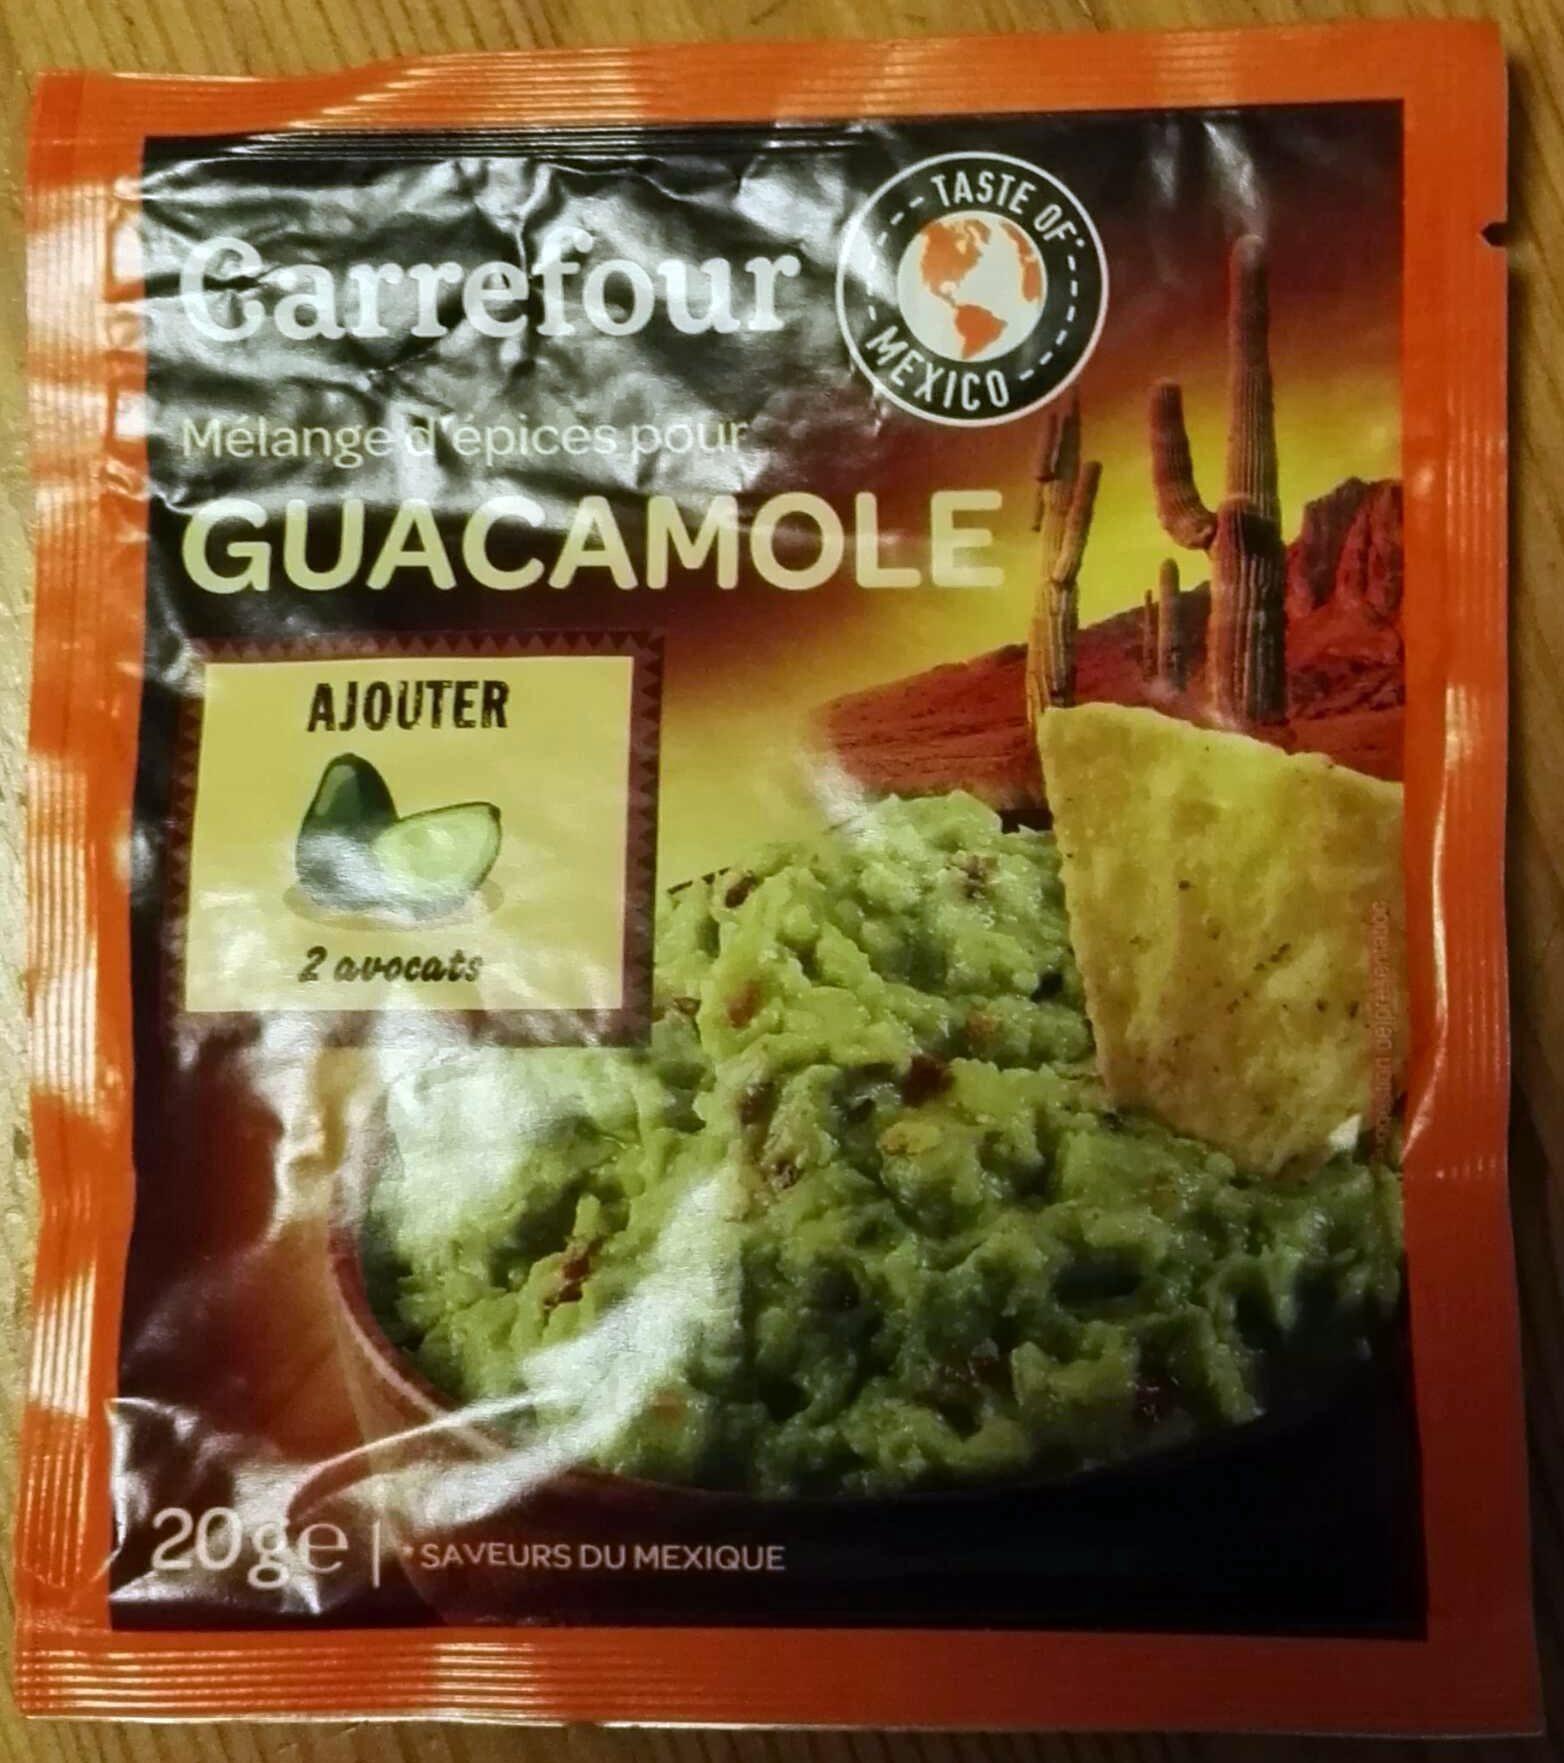 Mélange d'épices pour Guacamole - Produit - fr